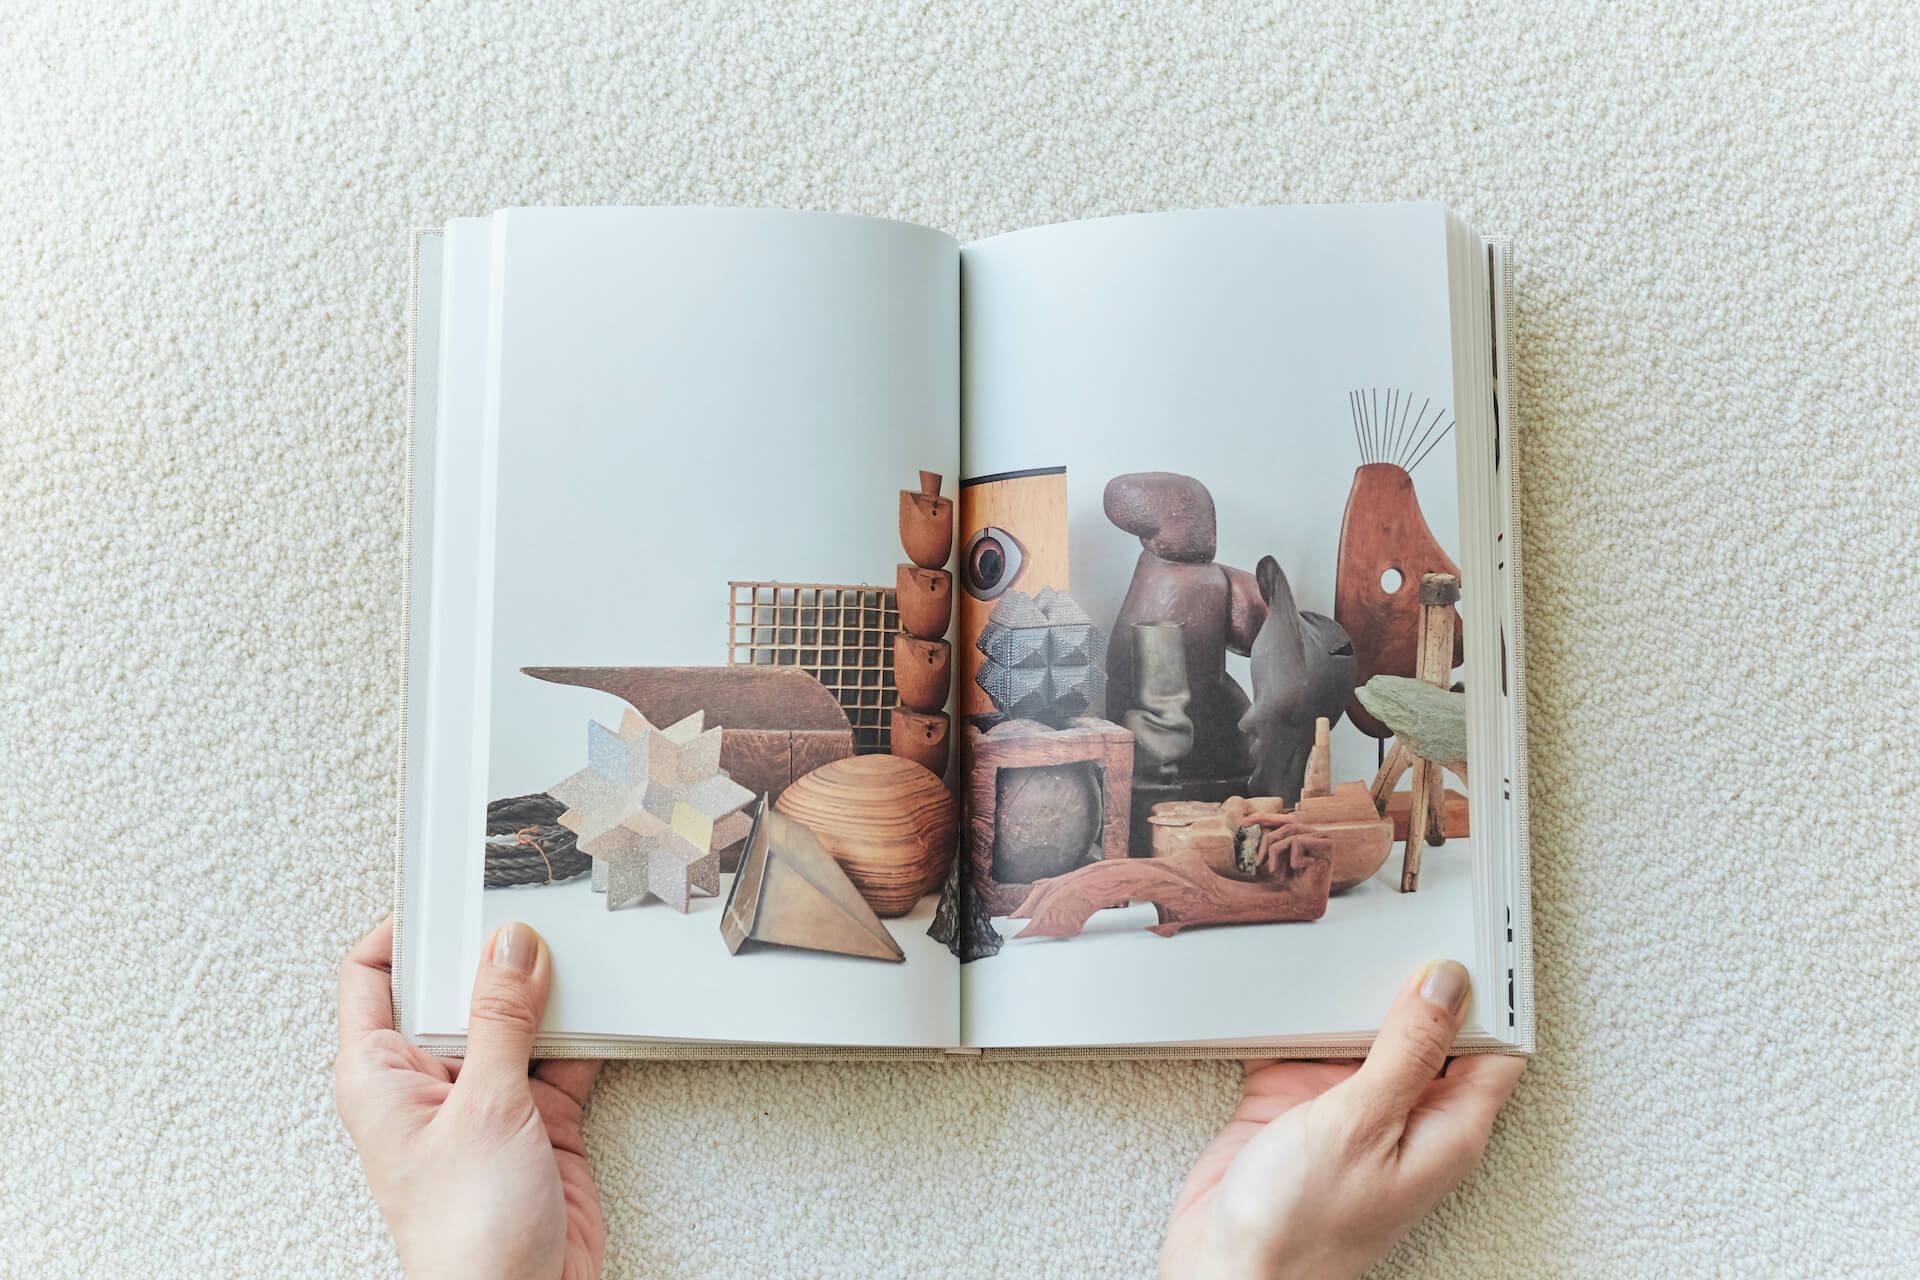 アートブックノススメ|Qetic編集部が選ぶ5冊/Harmony Korine 他 column210210_artbook-03